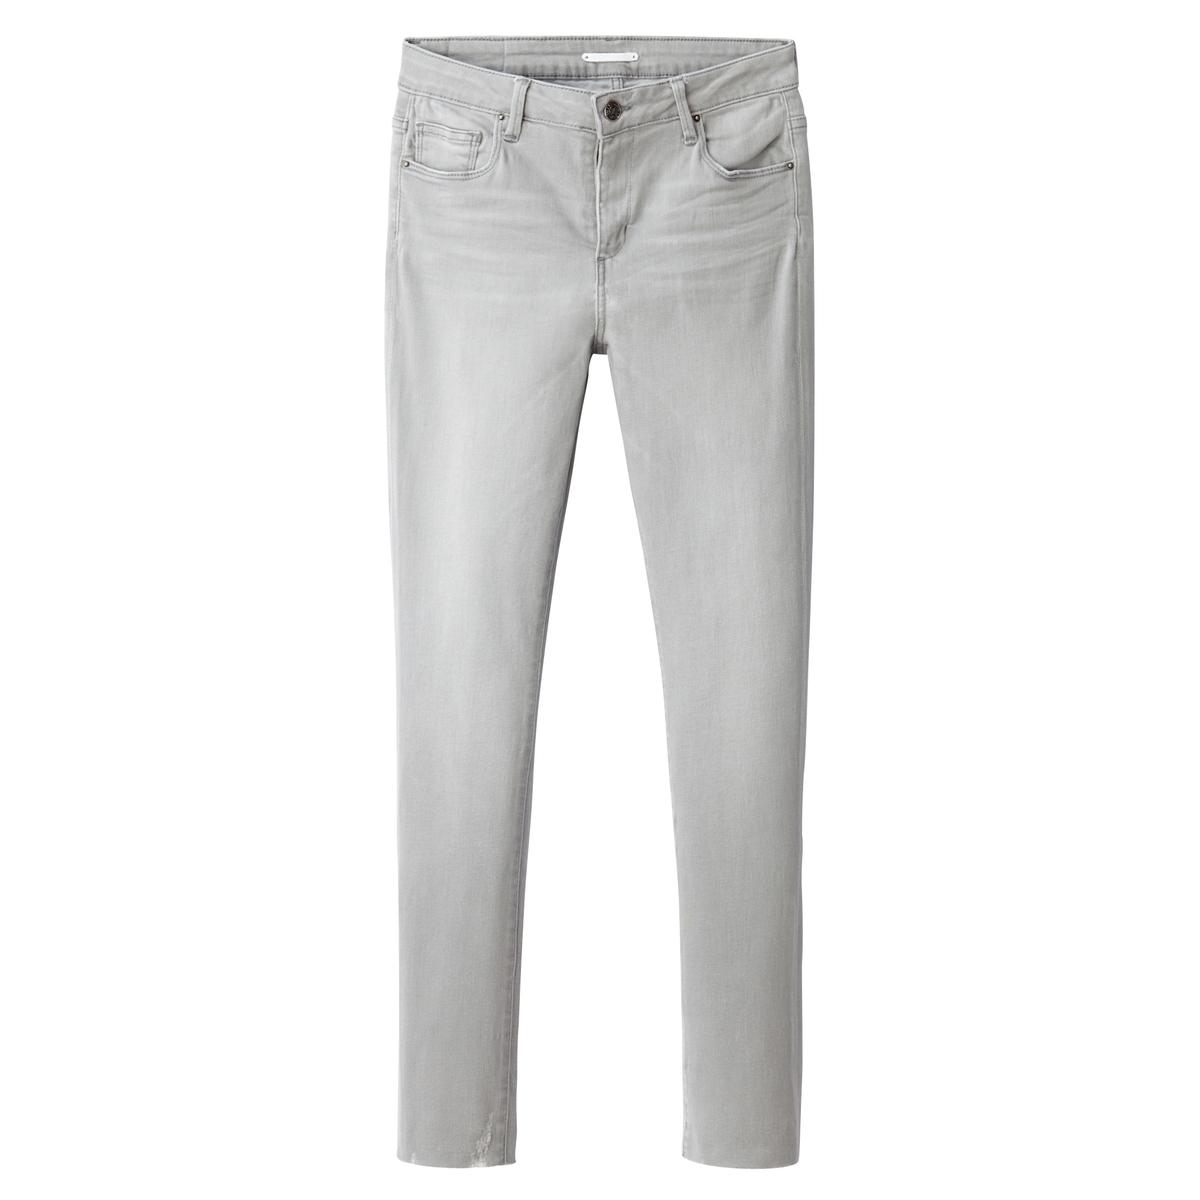 Джинсы скинни 7/8Материал : 98% хлопка, 2% эластана  Высота пояса : стандартная Покрой джинсов : скинни Длина джинсов : длина 32<br><br>Цвет: серый